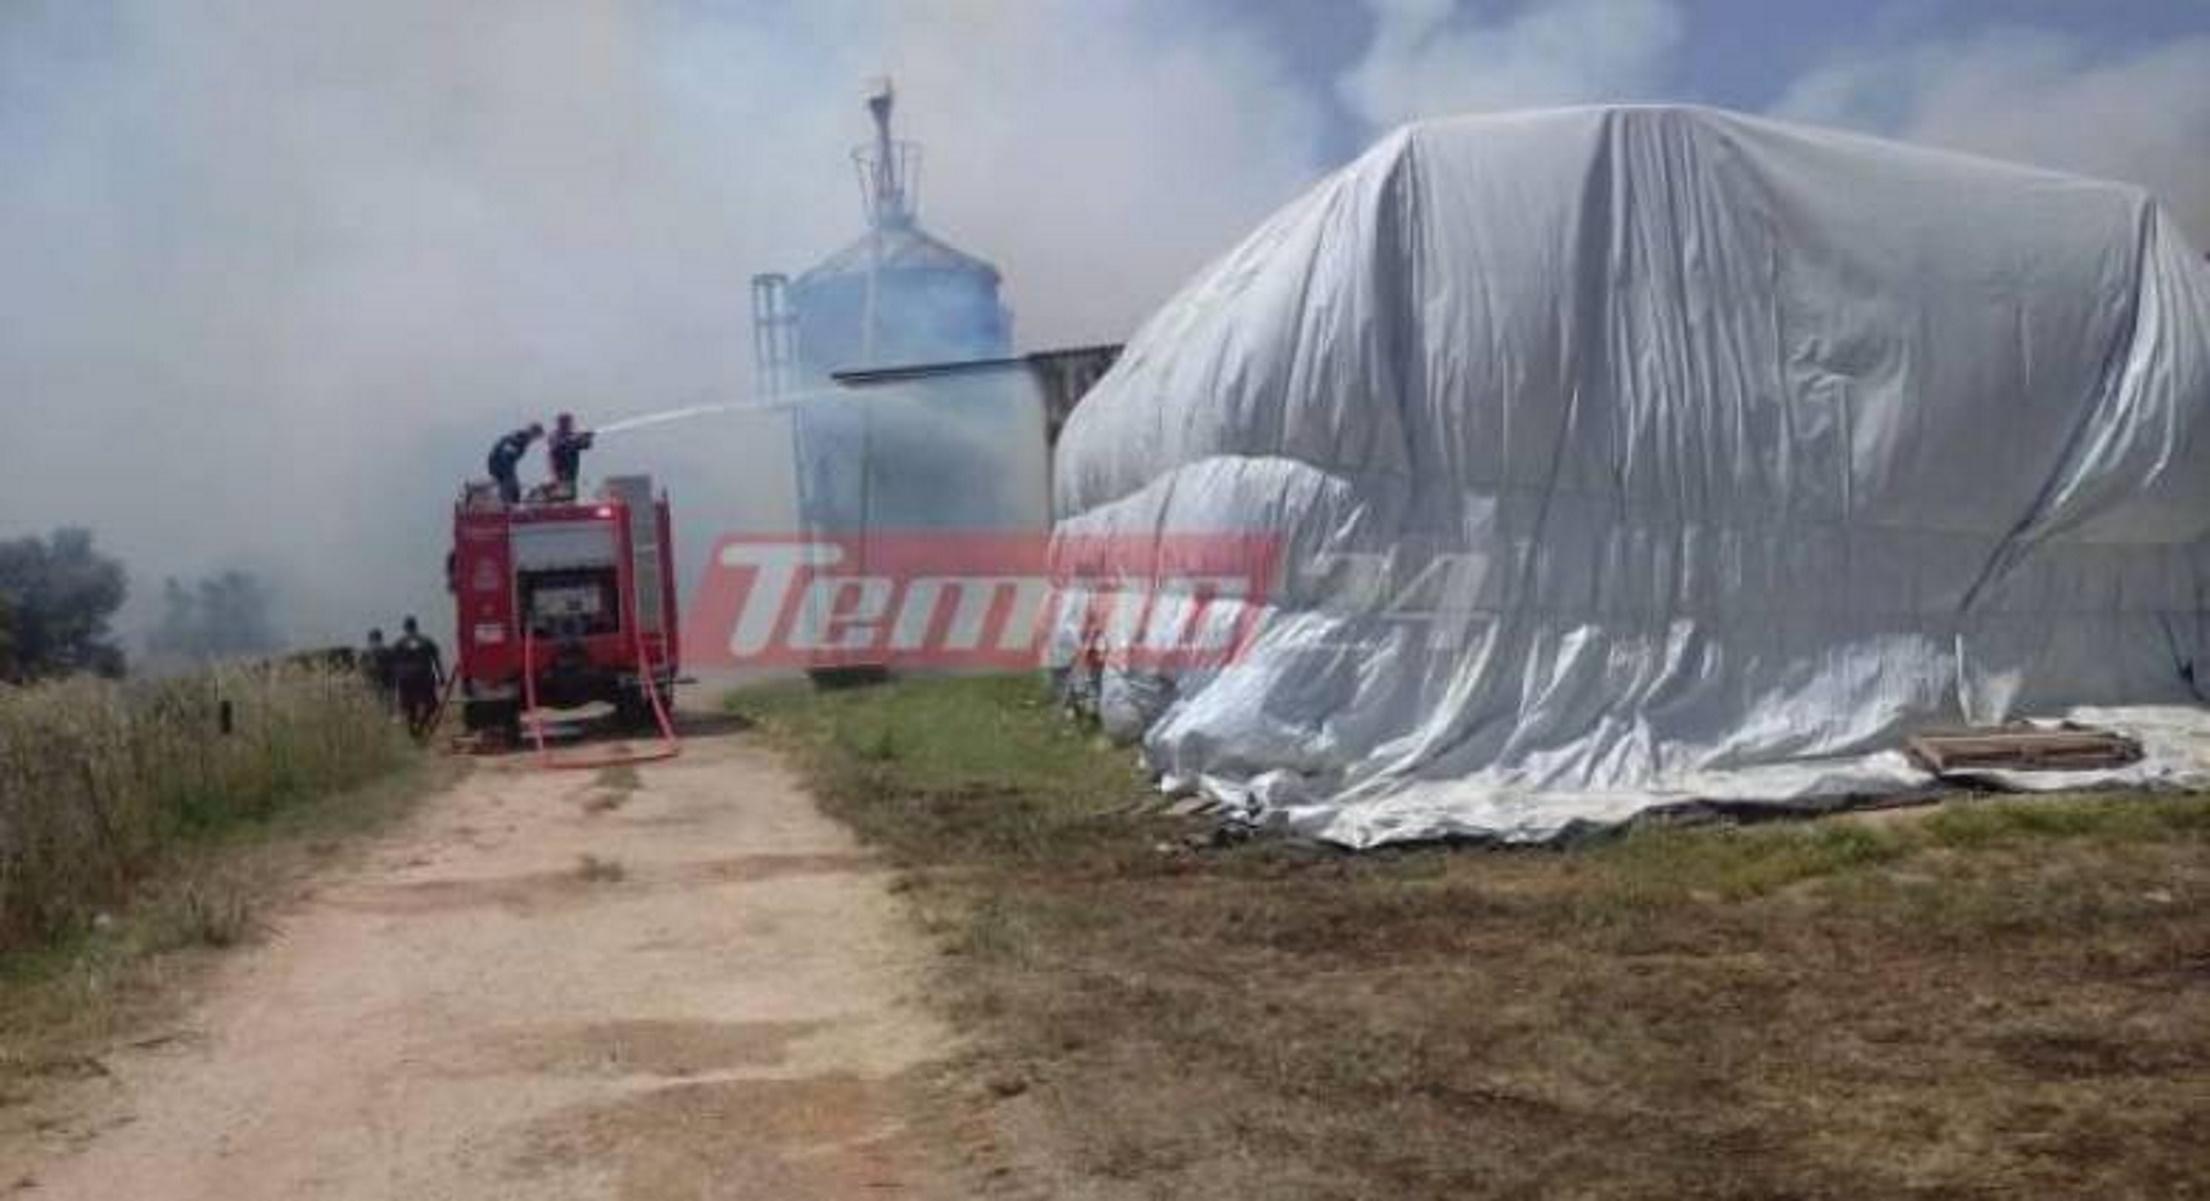 Φωτιά στην Αχαΐα: Κάηκαν μηχανήματα και αγροτικά εργαλεία – Τεράστια η καταστροφή (pics, vid)